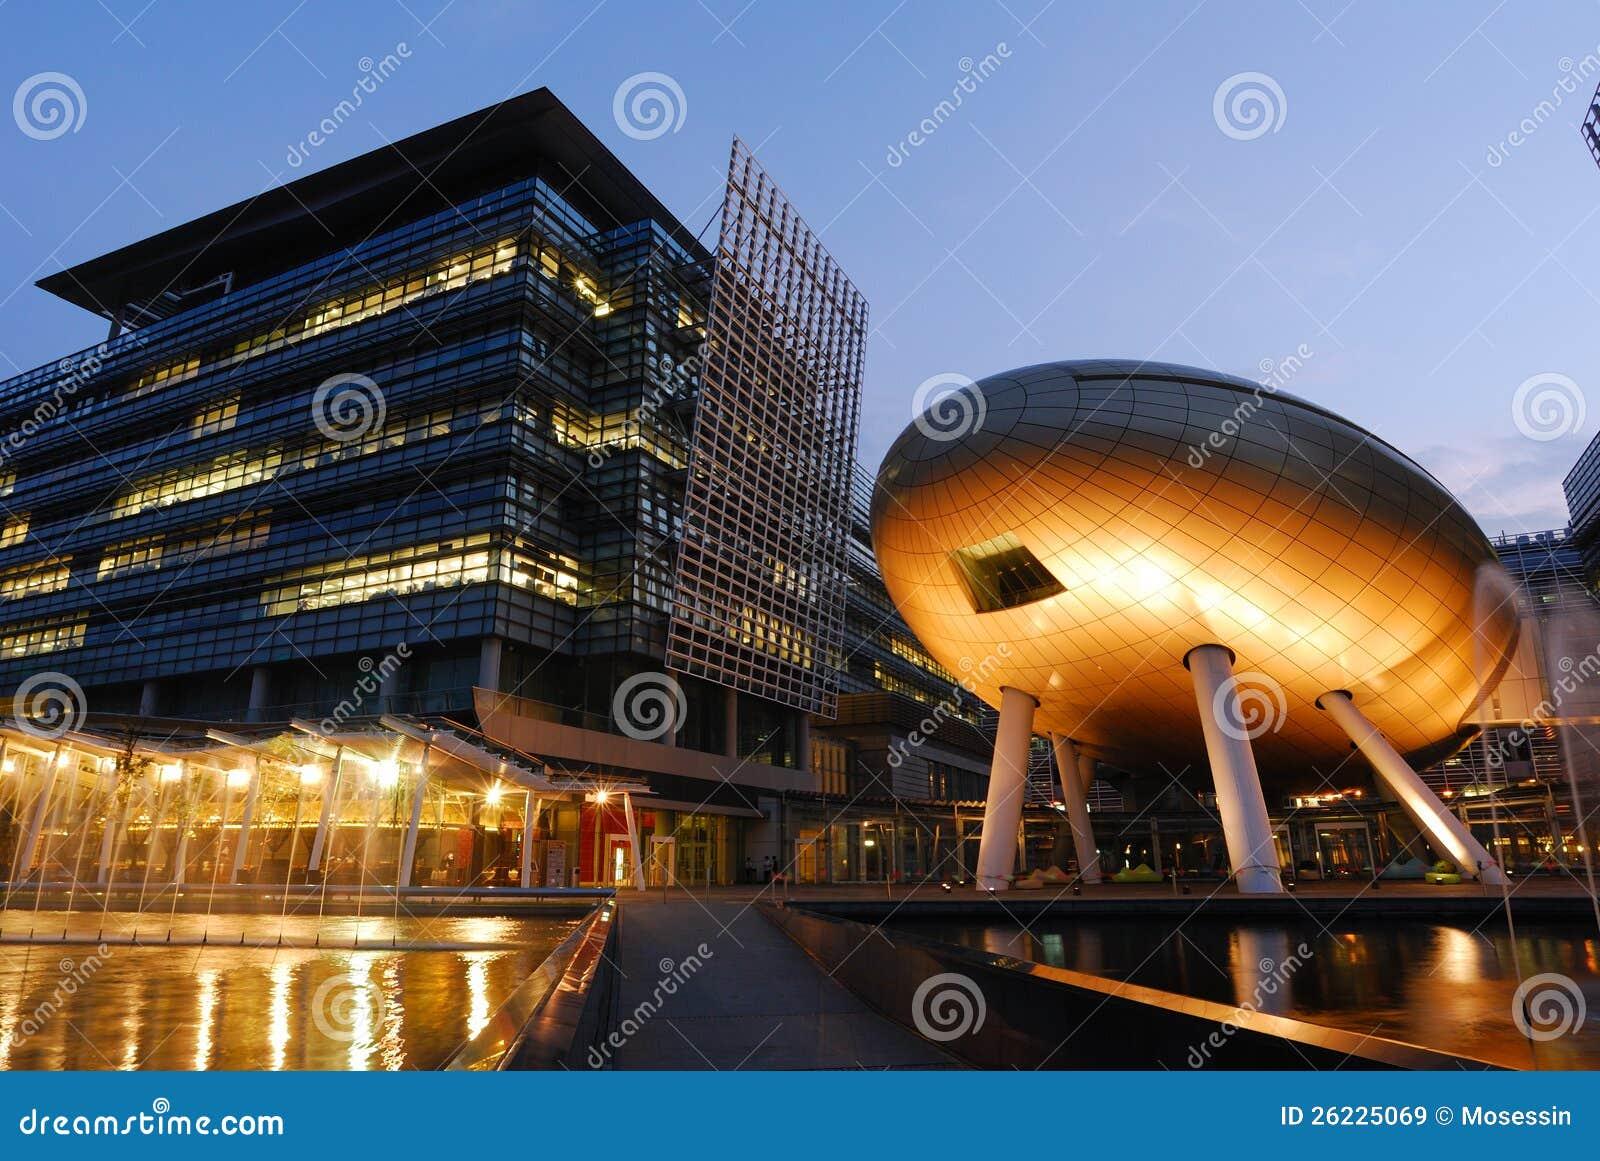 Stationnement de la Science et de technologie du HK